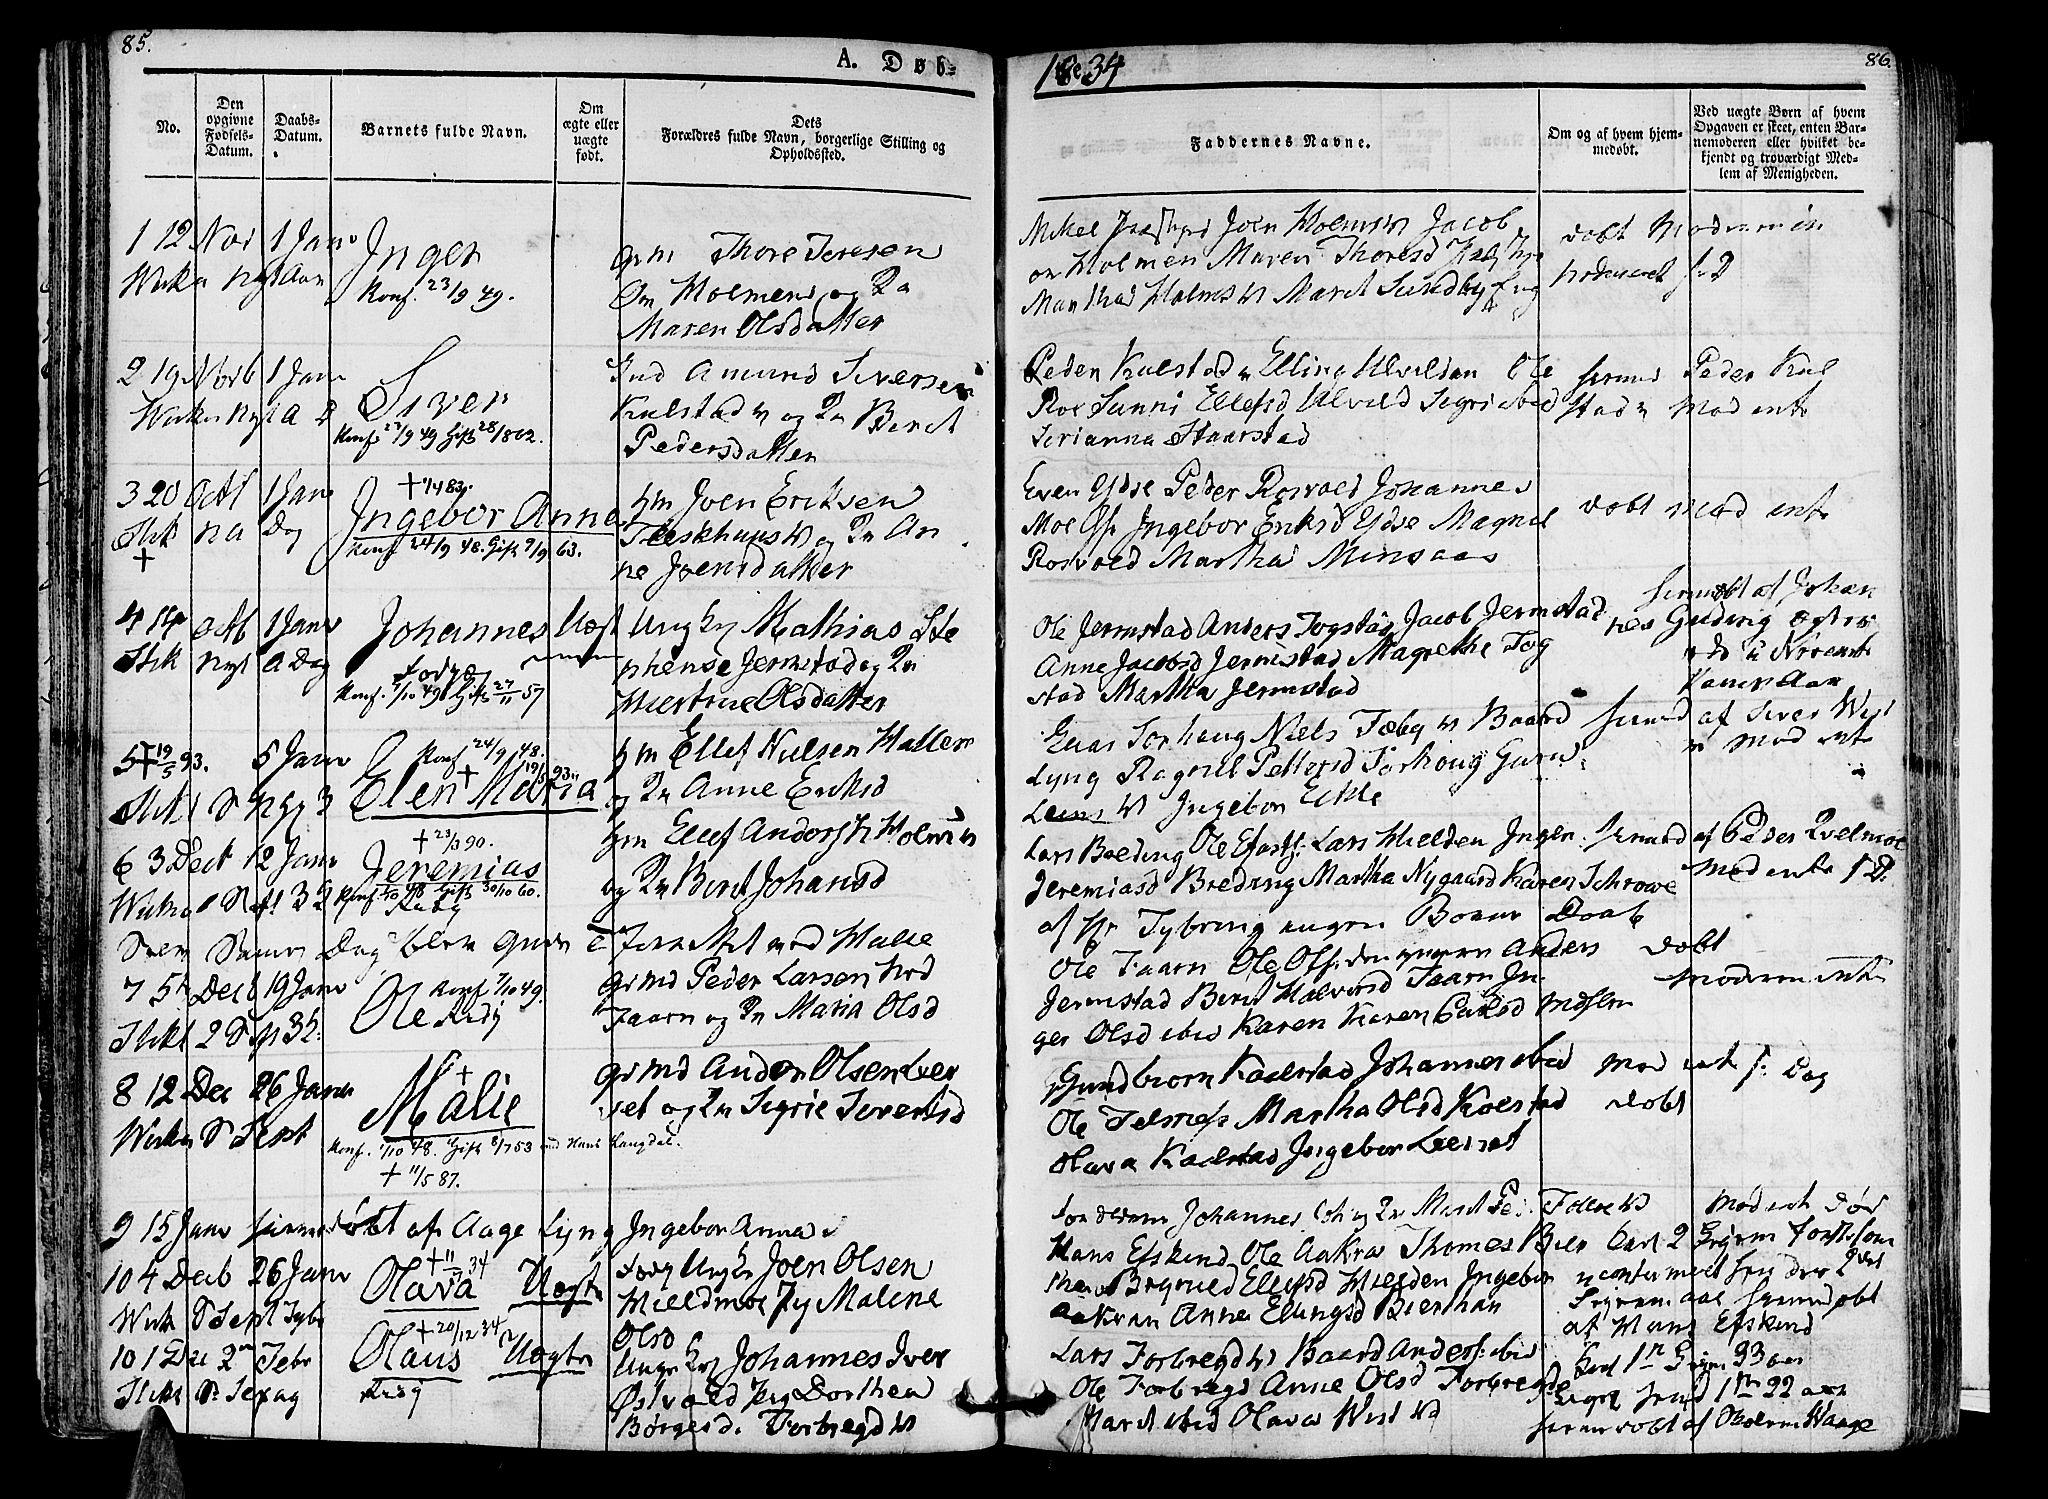 SAT, Ministerialprotokoller, klokkerbøker og fødselsregistre - Nord-Trøndelag, 723/L0238: Ministerialbok nr. 723A07, 1831-1840, s. 85-86